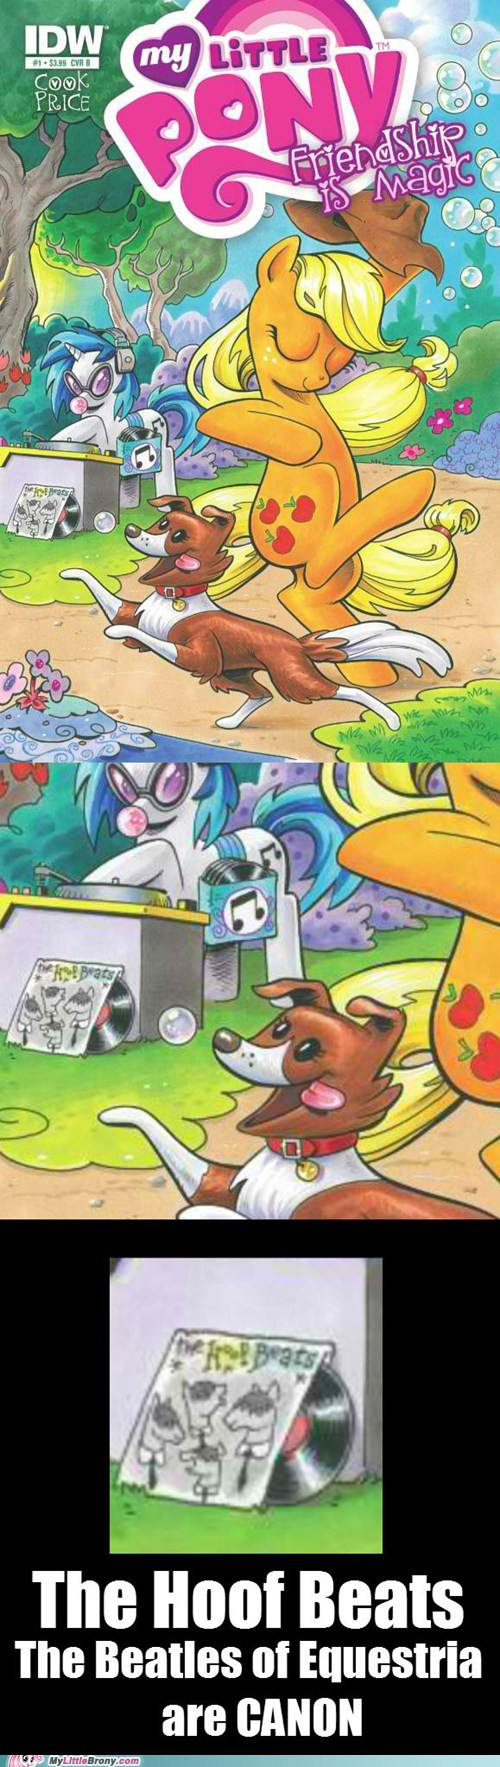 beatles comics hoof beats looking close - 6580149504